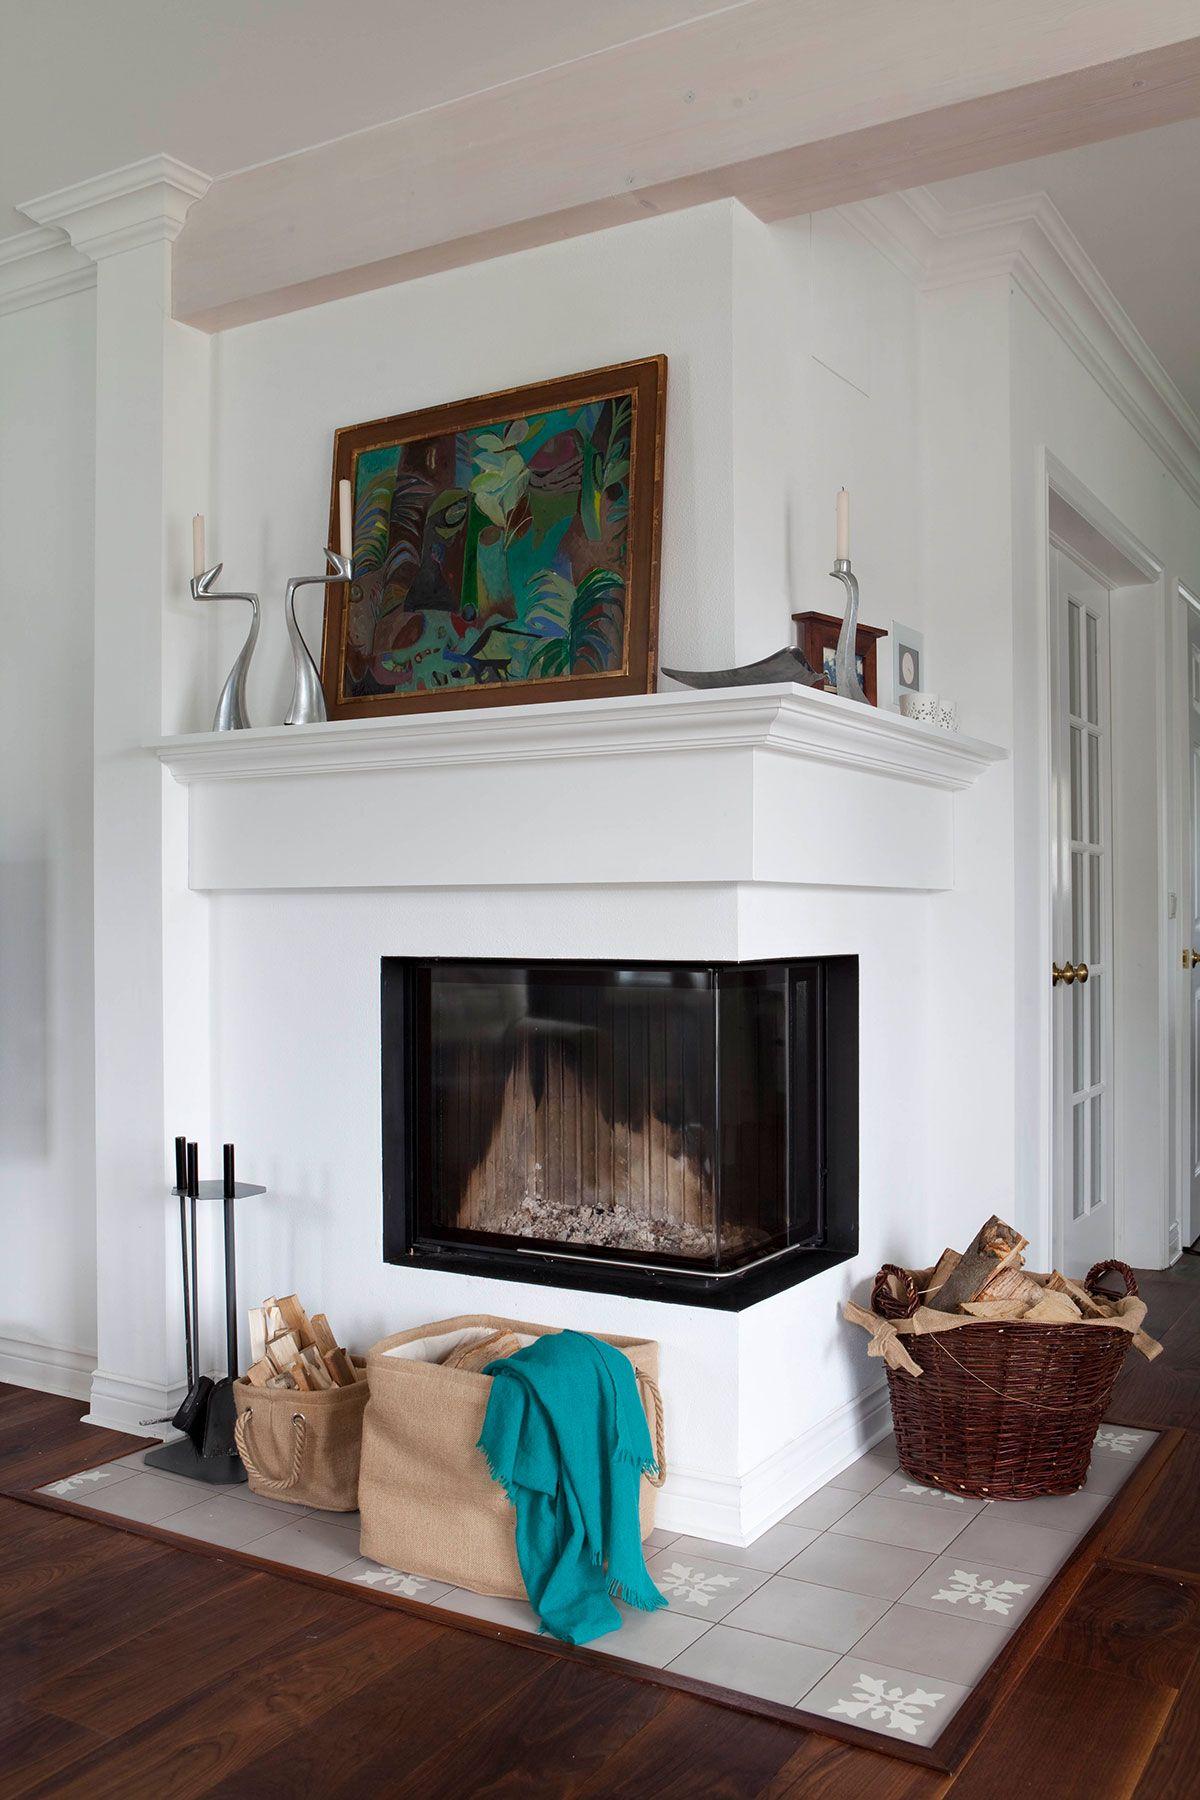 Kamin mit glas zu zwei seiten und klassischer verkleidung - Kaminofen landhaus ...